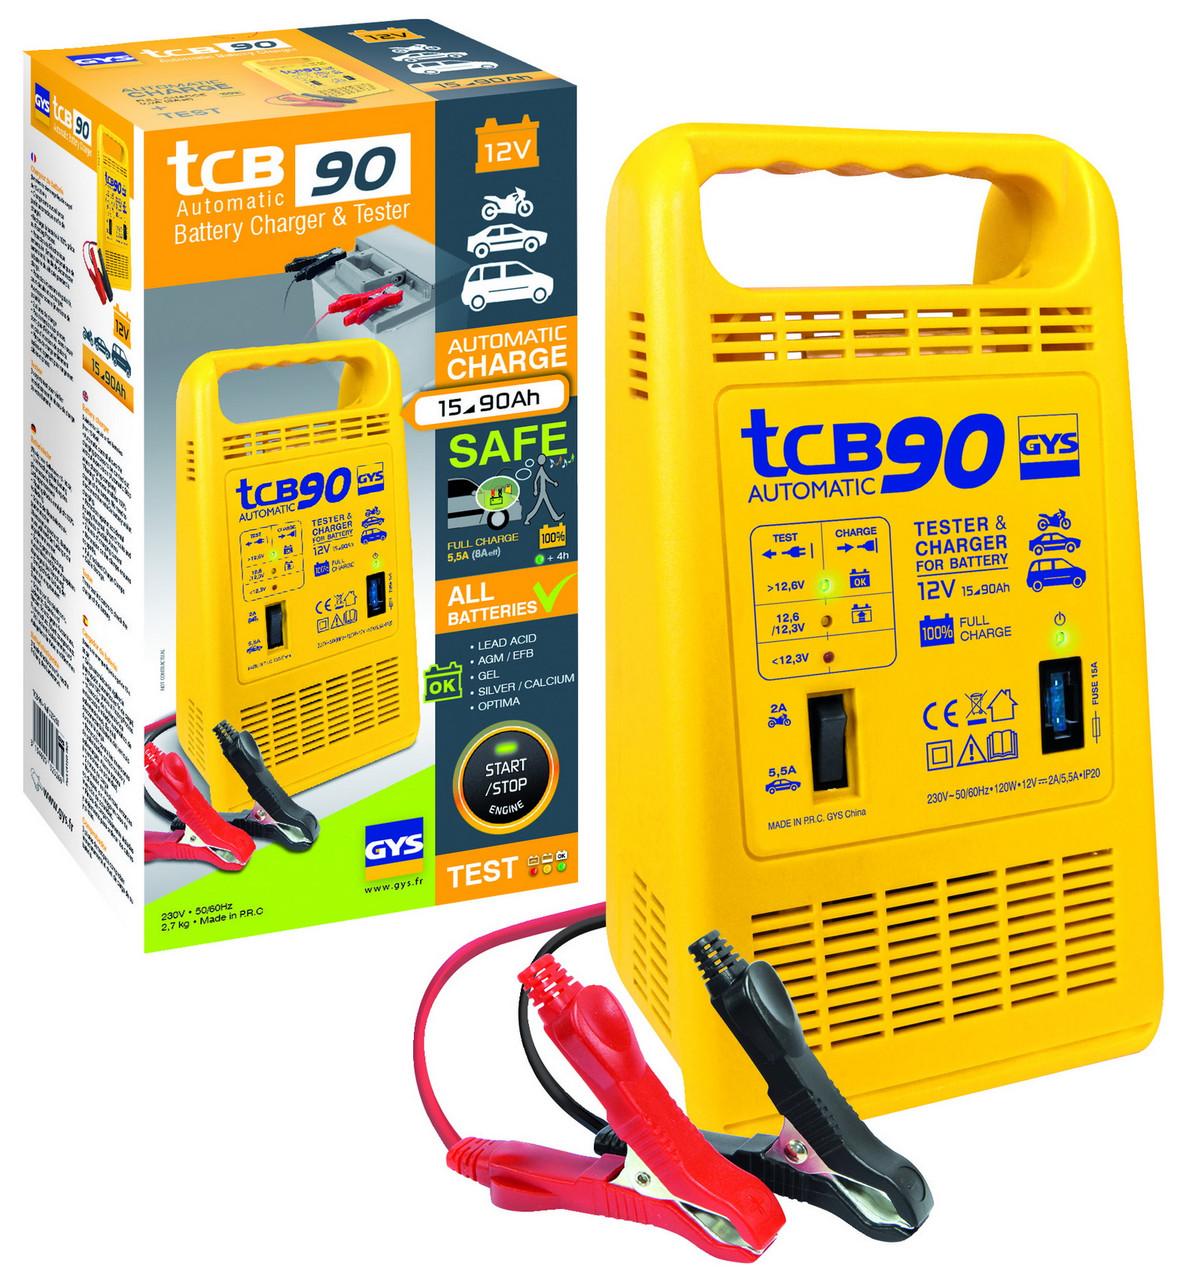 Зарядное устройство GYS TCB 90 automatic